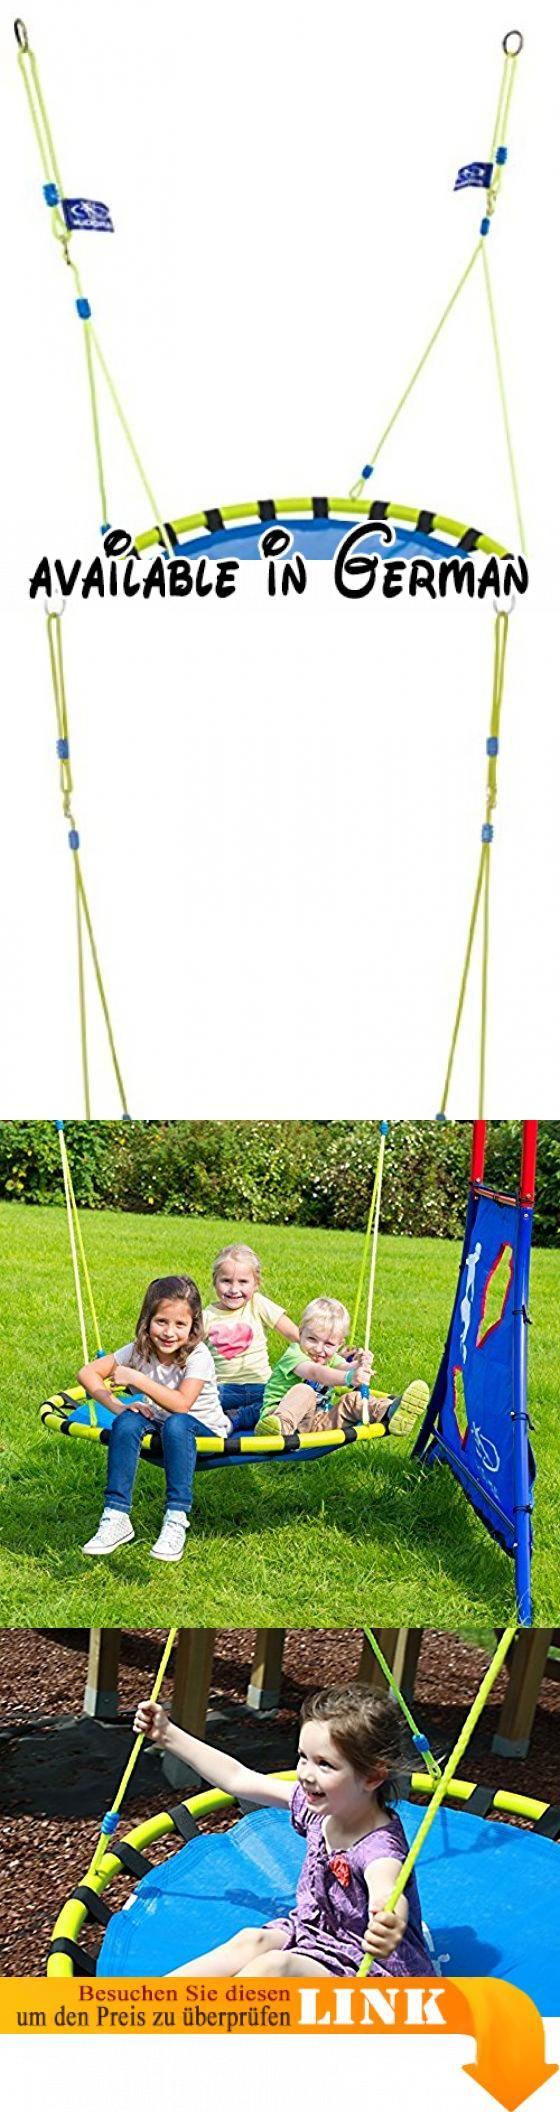 HUDORA Nestschaukel Aluminium, Belastbarkeit bis 120 kg, 120 cm, blau/gelb. GS-geprüftes Premium-Produkt. Höhenjustierbares Seil von 146 bis 176 cm, inkl. Haltestahlring und Verstellöse. besonders weiche Sitzfläche und ausschließlich wetterbeständige Materialien. ca. 120 cm Sitzflächendurchmesser; Max. Benutzergewicht 120 kg. Mit genügend Platz kann die Schaukel auch als Kuschelnest im Haus aufgehängt werden #Toy #SPORTING_GOODS